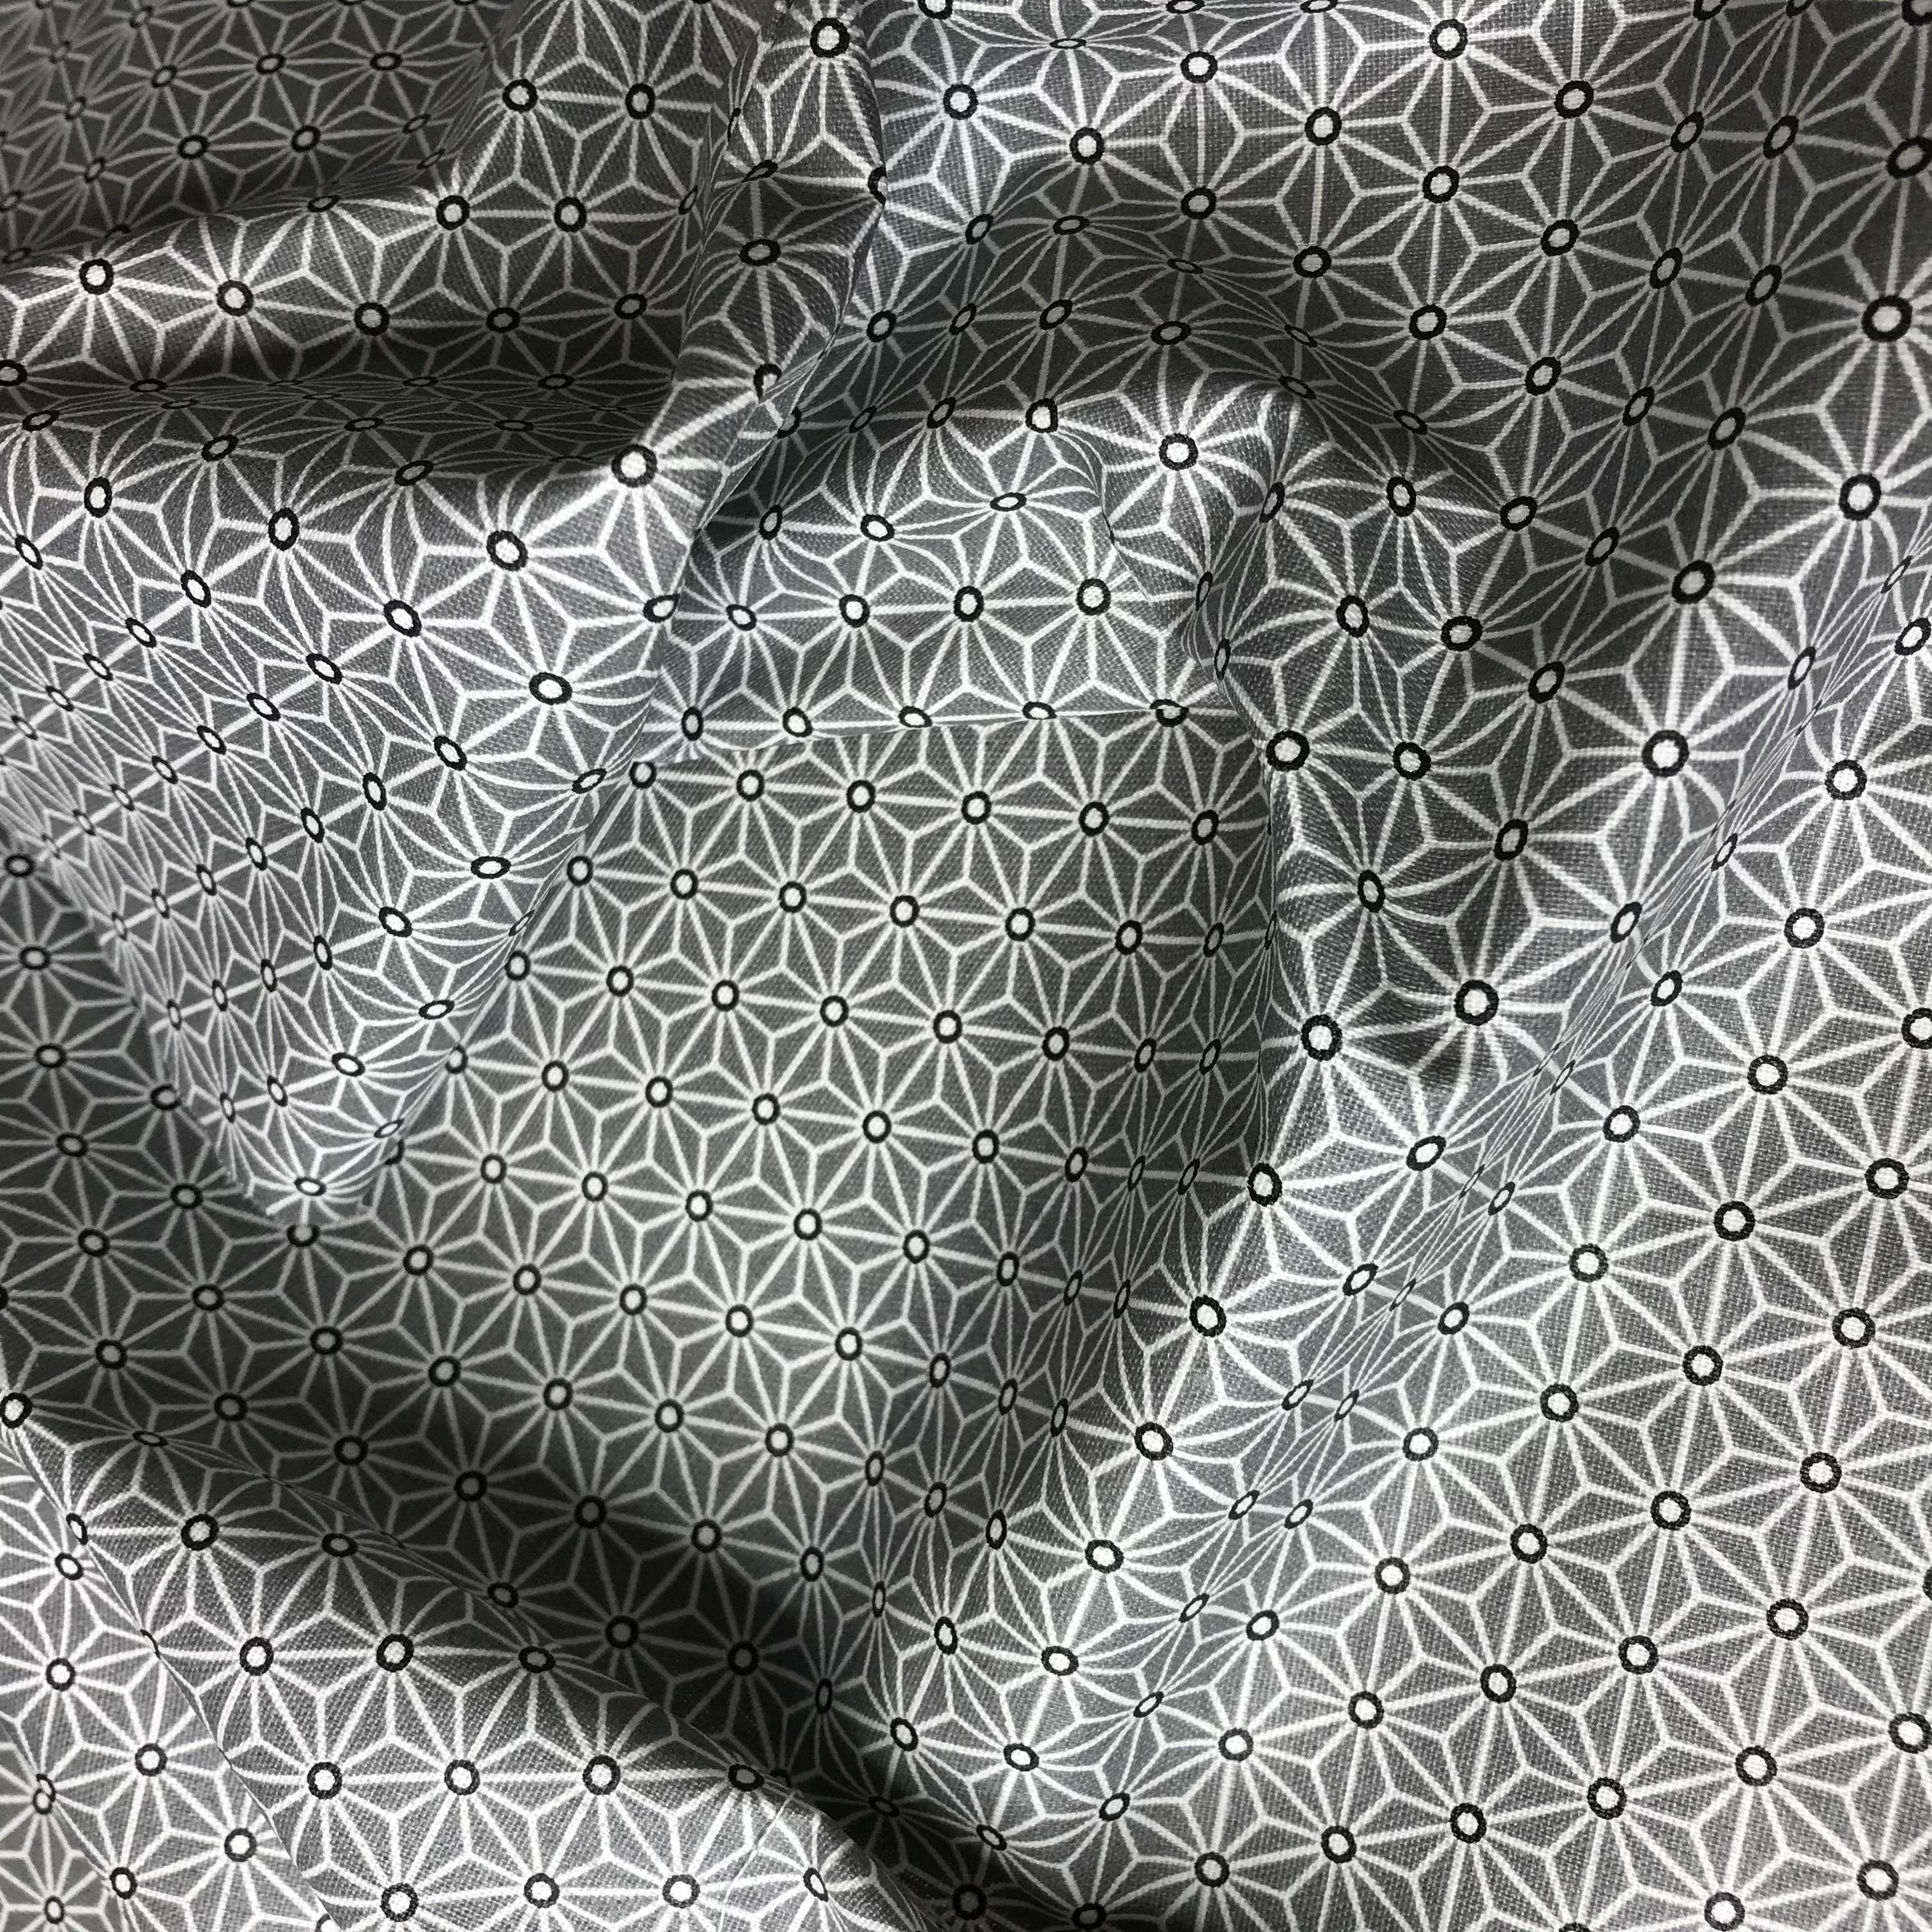 211_Saki noir et blanc